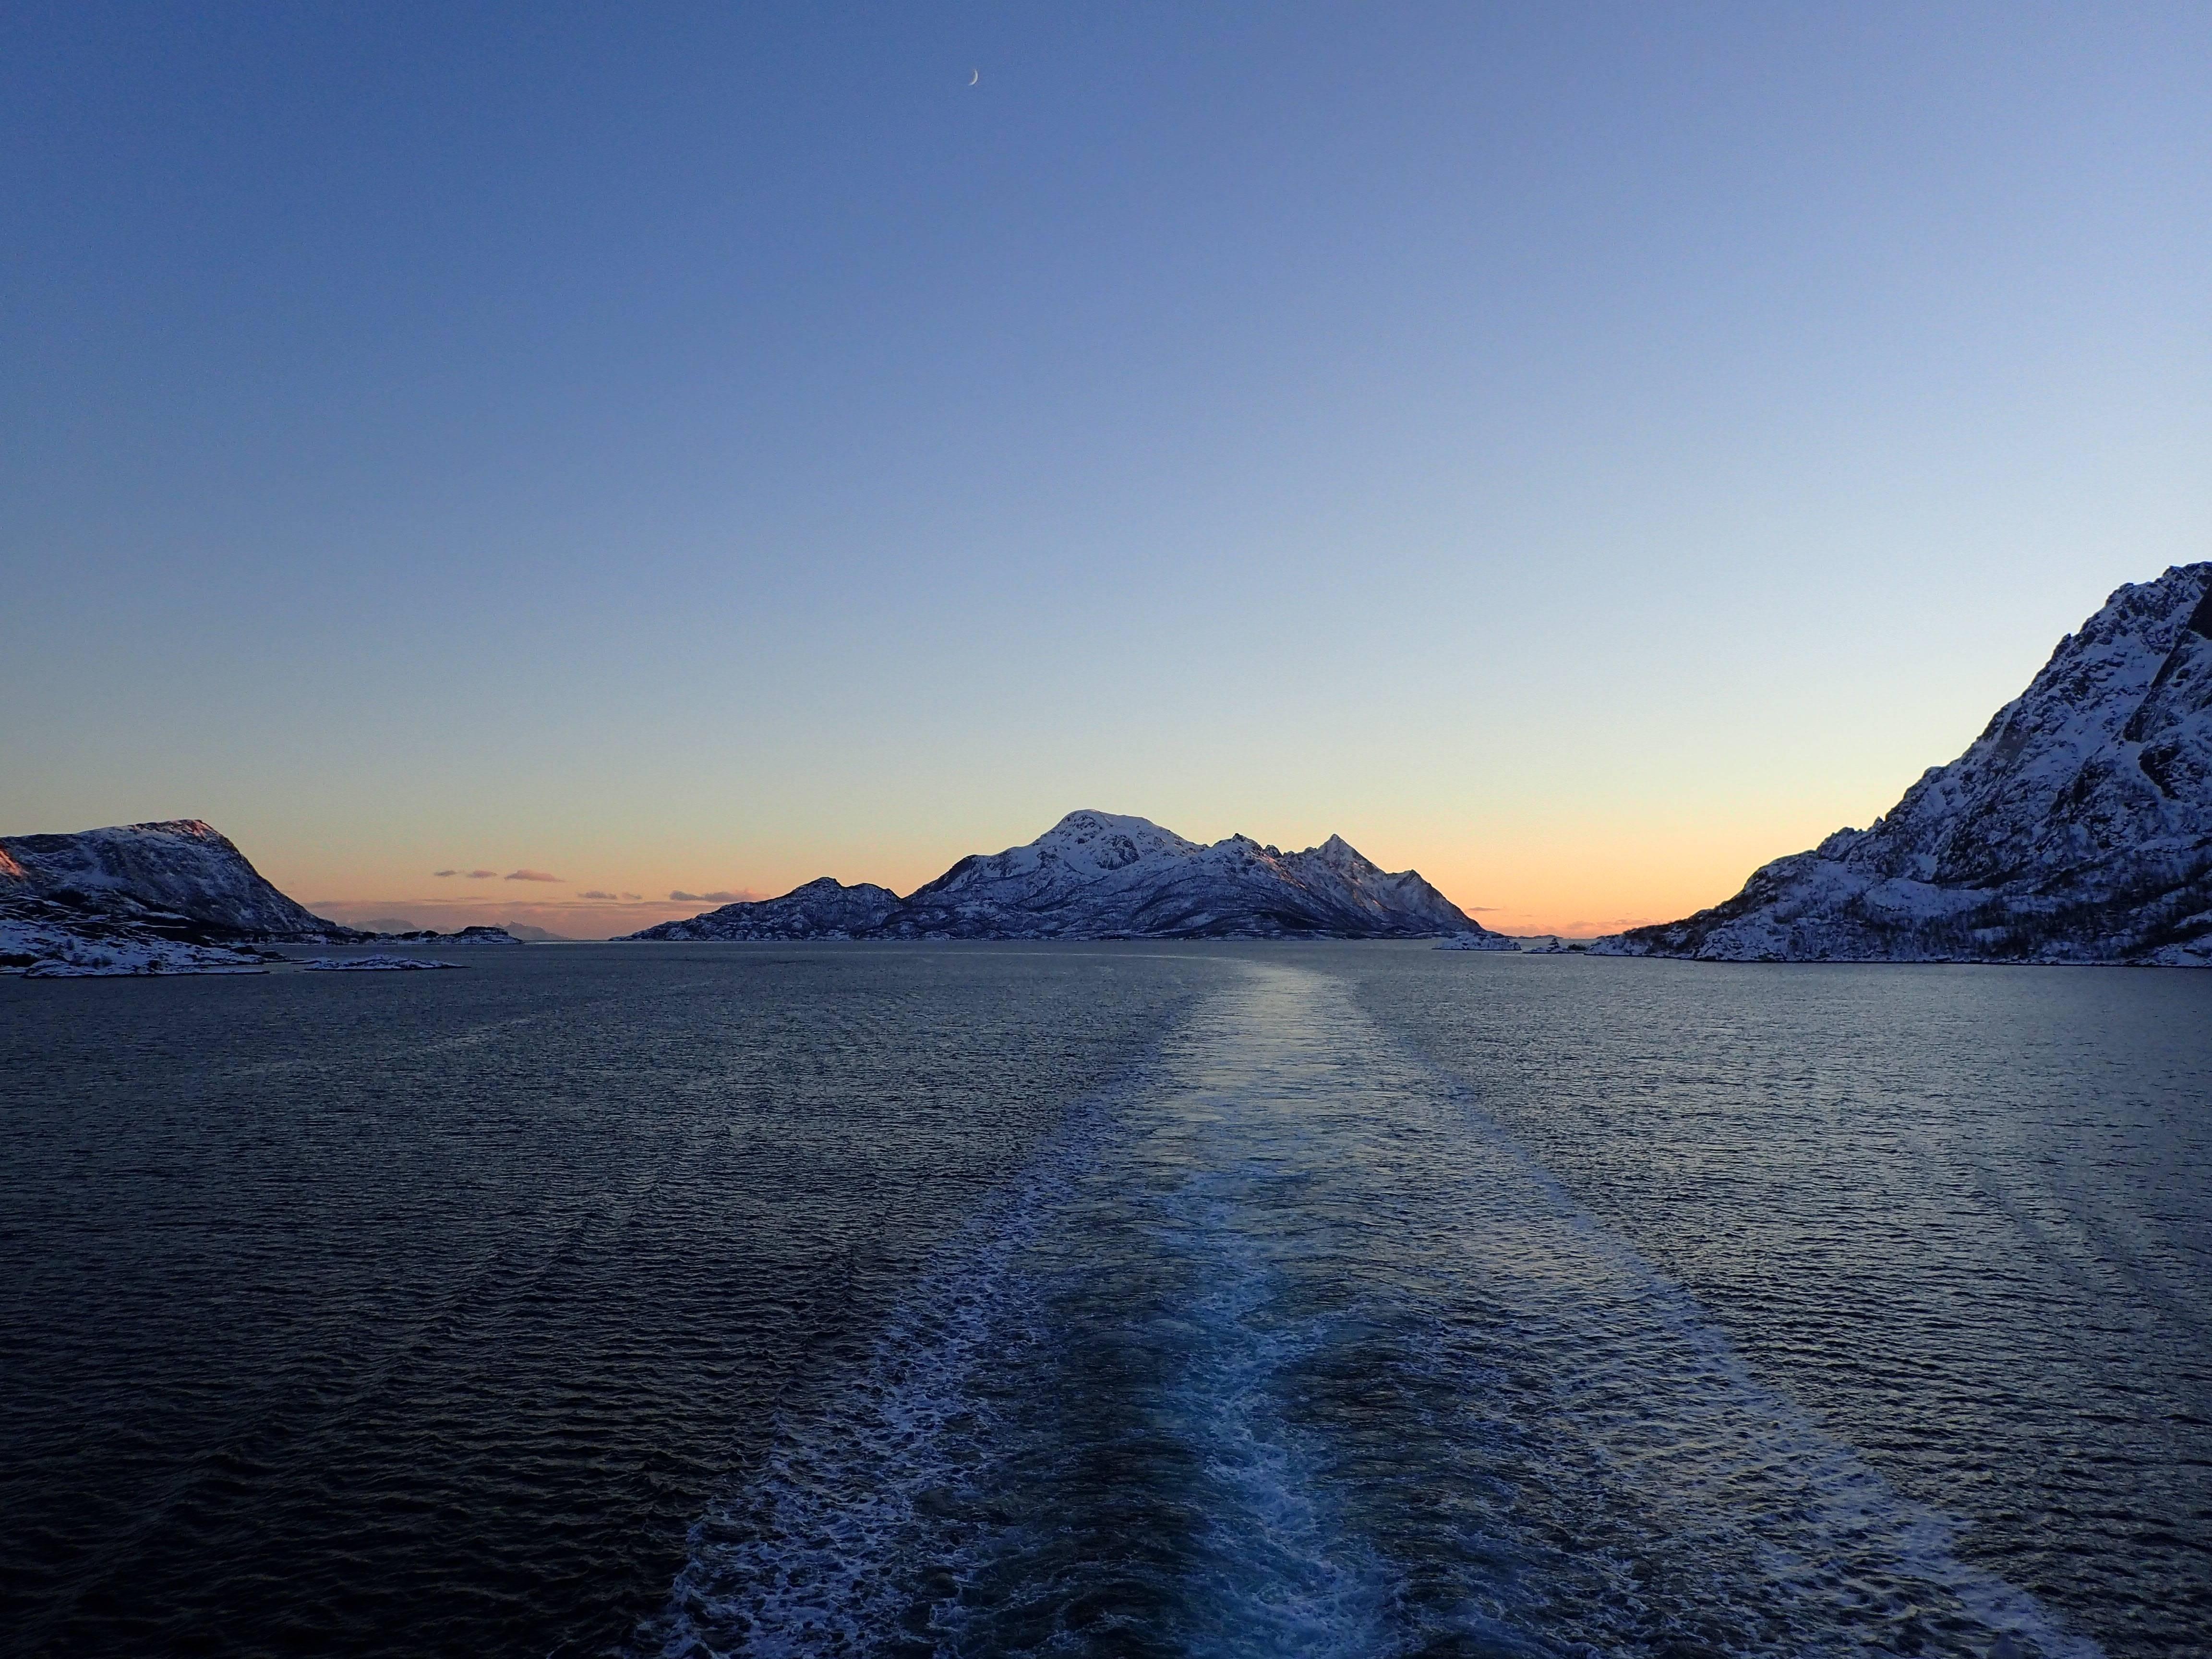 Photo 1: Croisère dans les fjords norvégiens